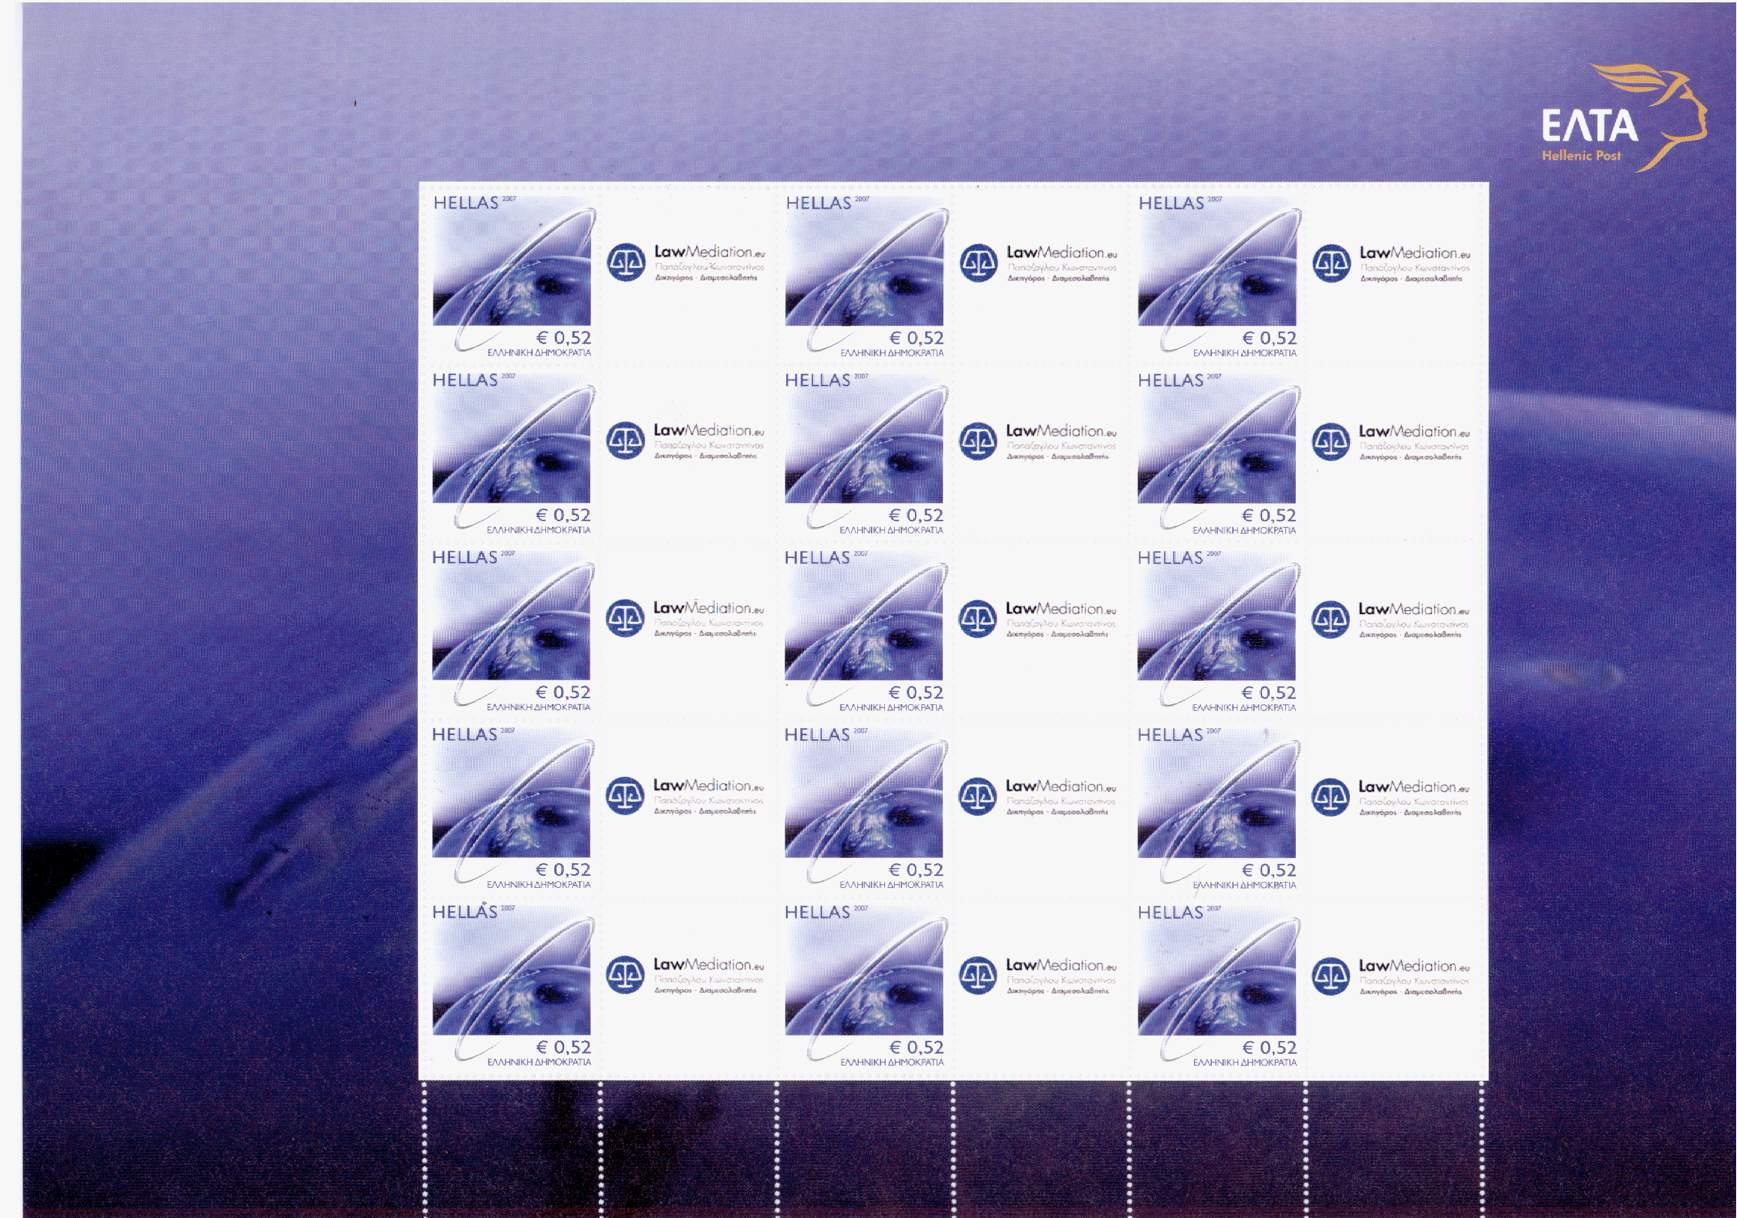 συλλεκτικό γραμματόσημο 2013